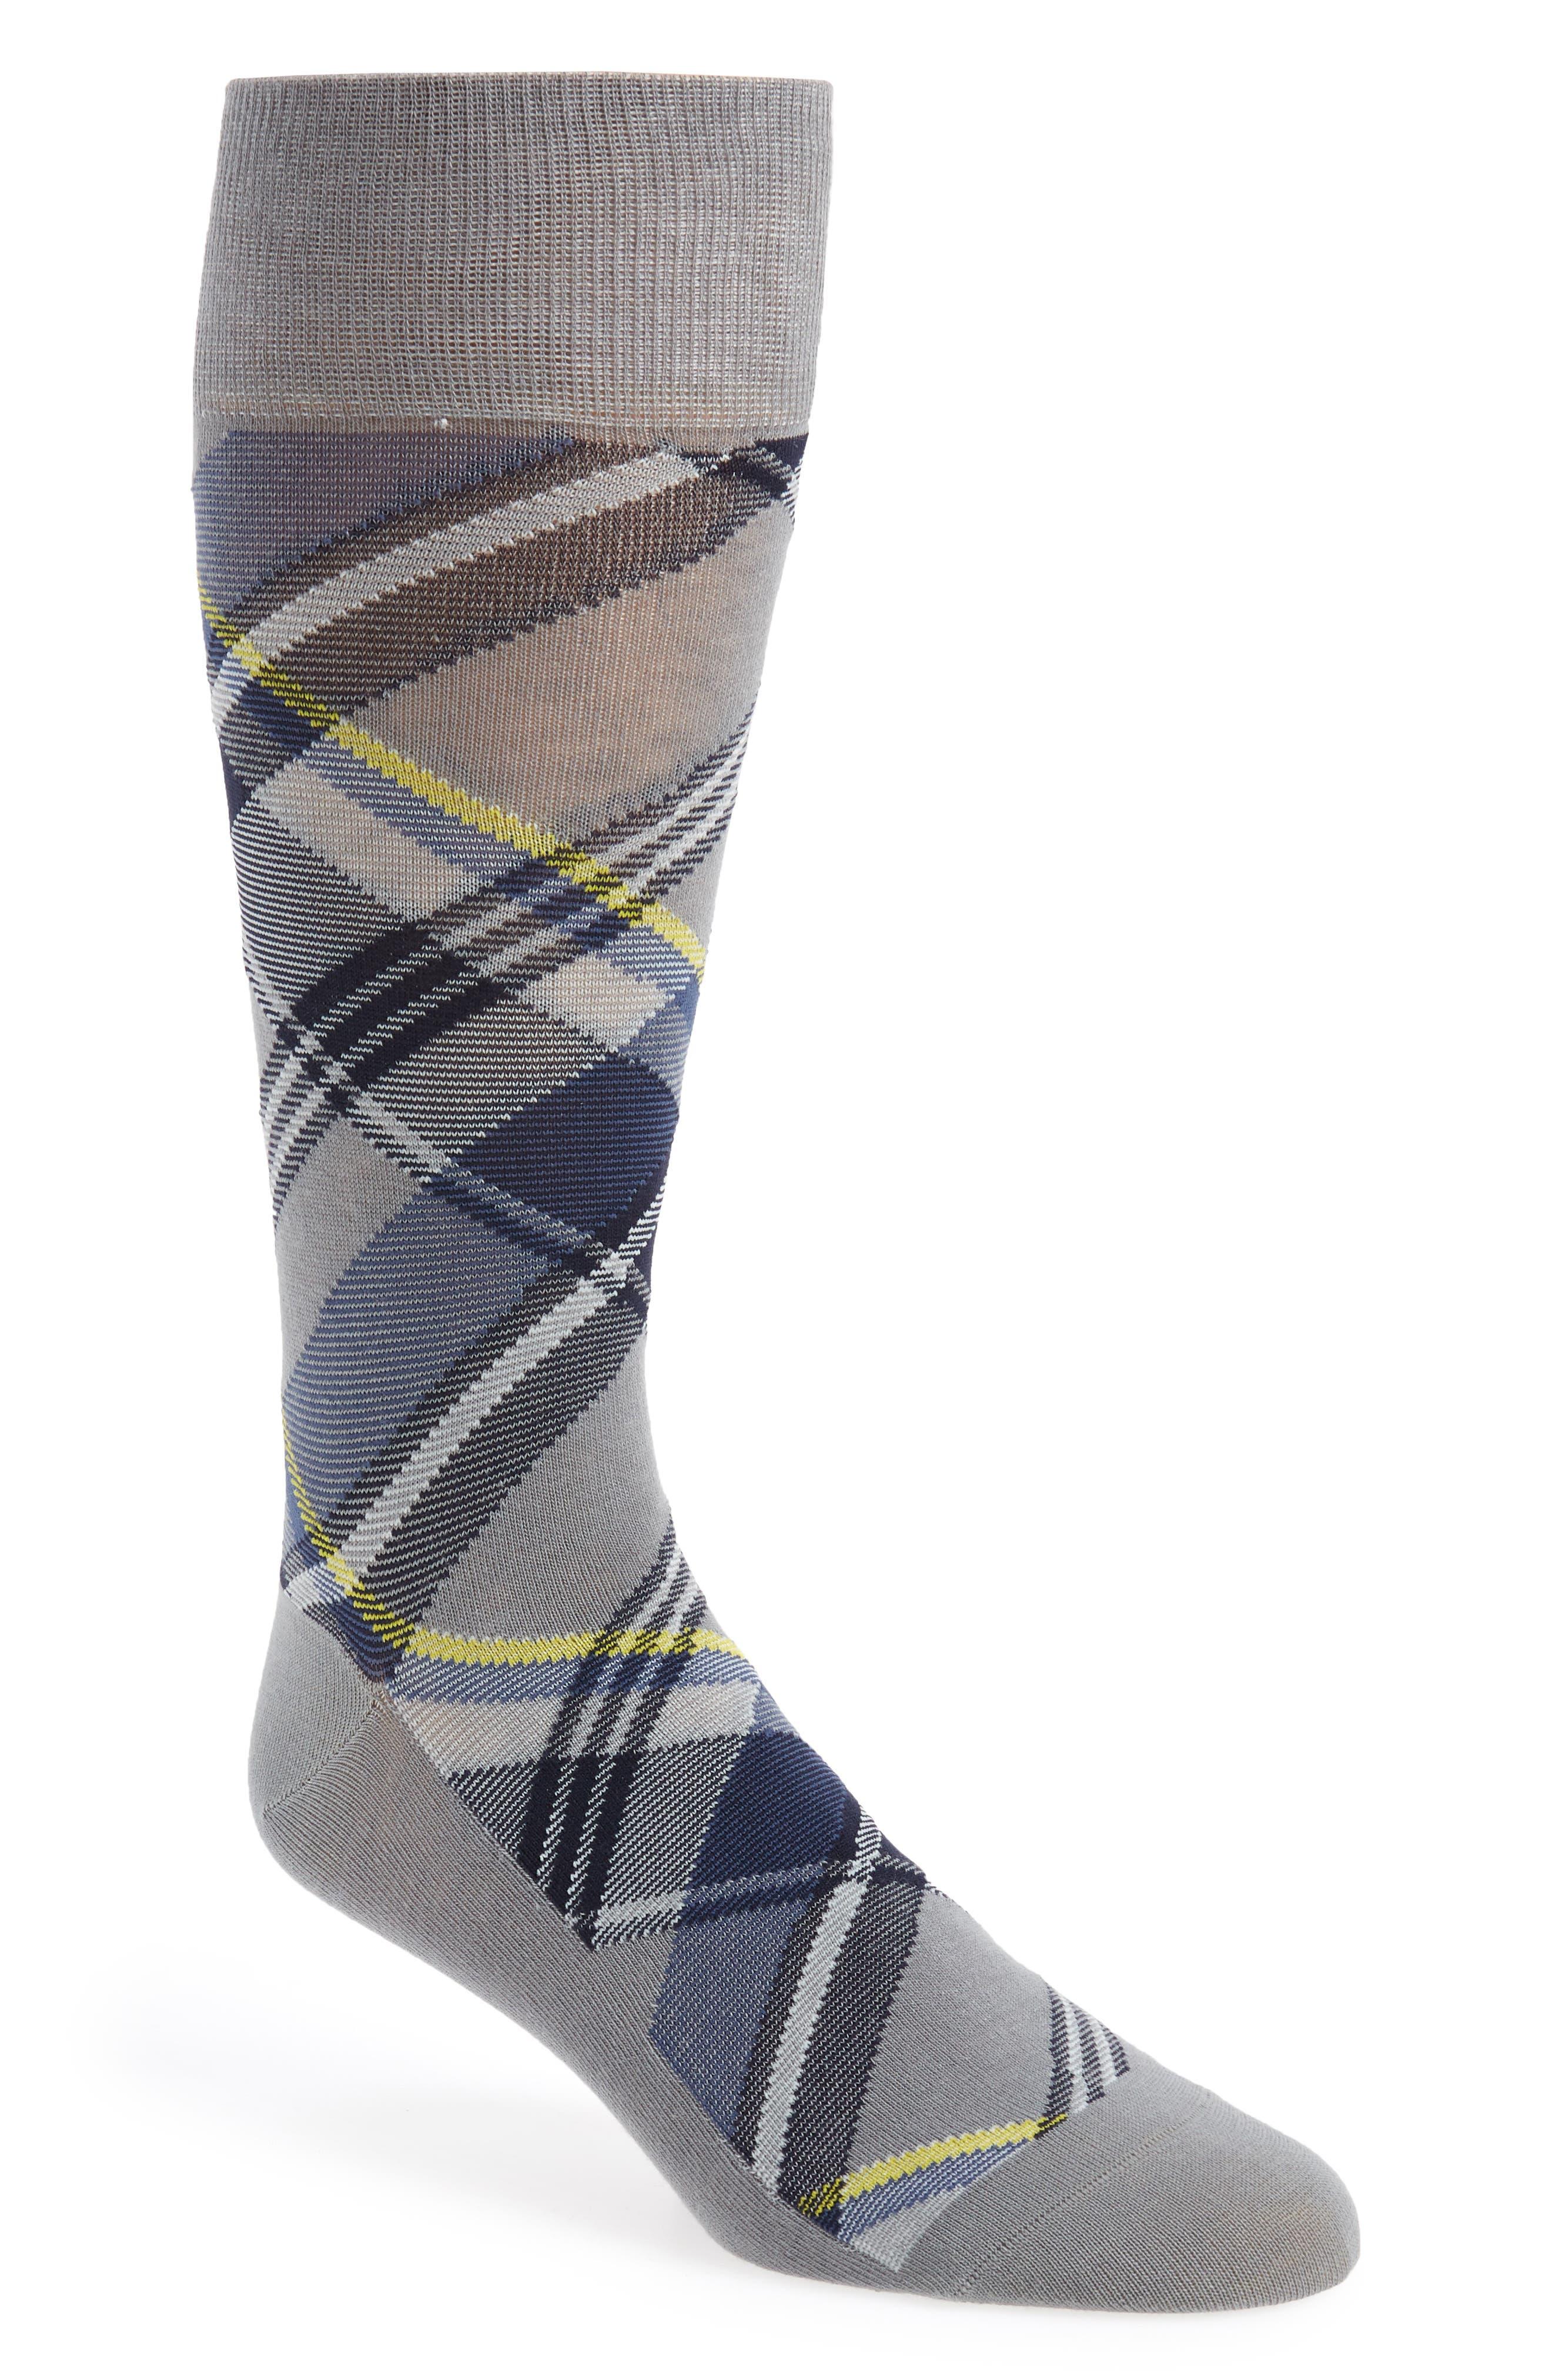 Plaid Socks,                         Main,                         color, Sharkskin